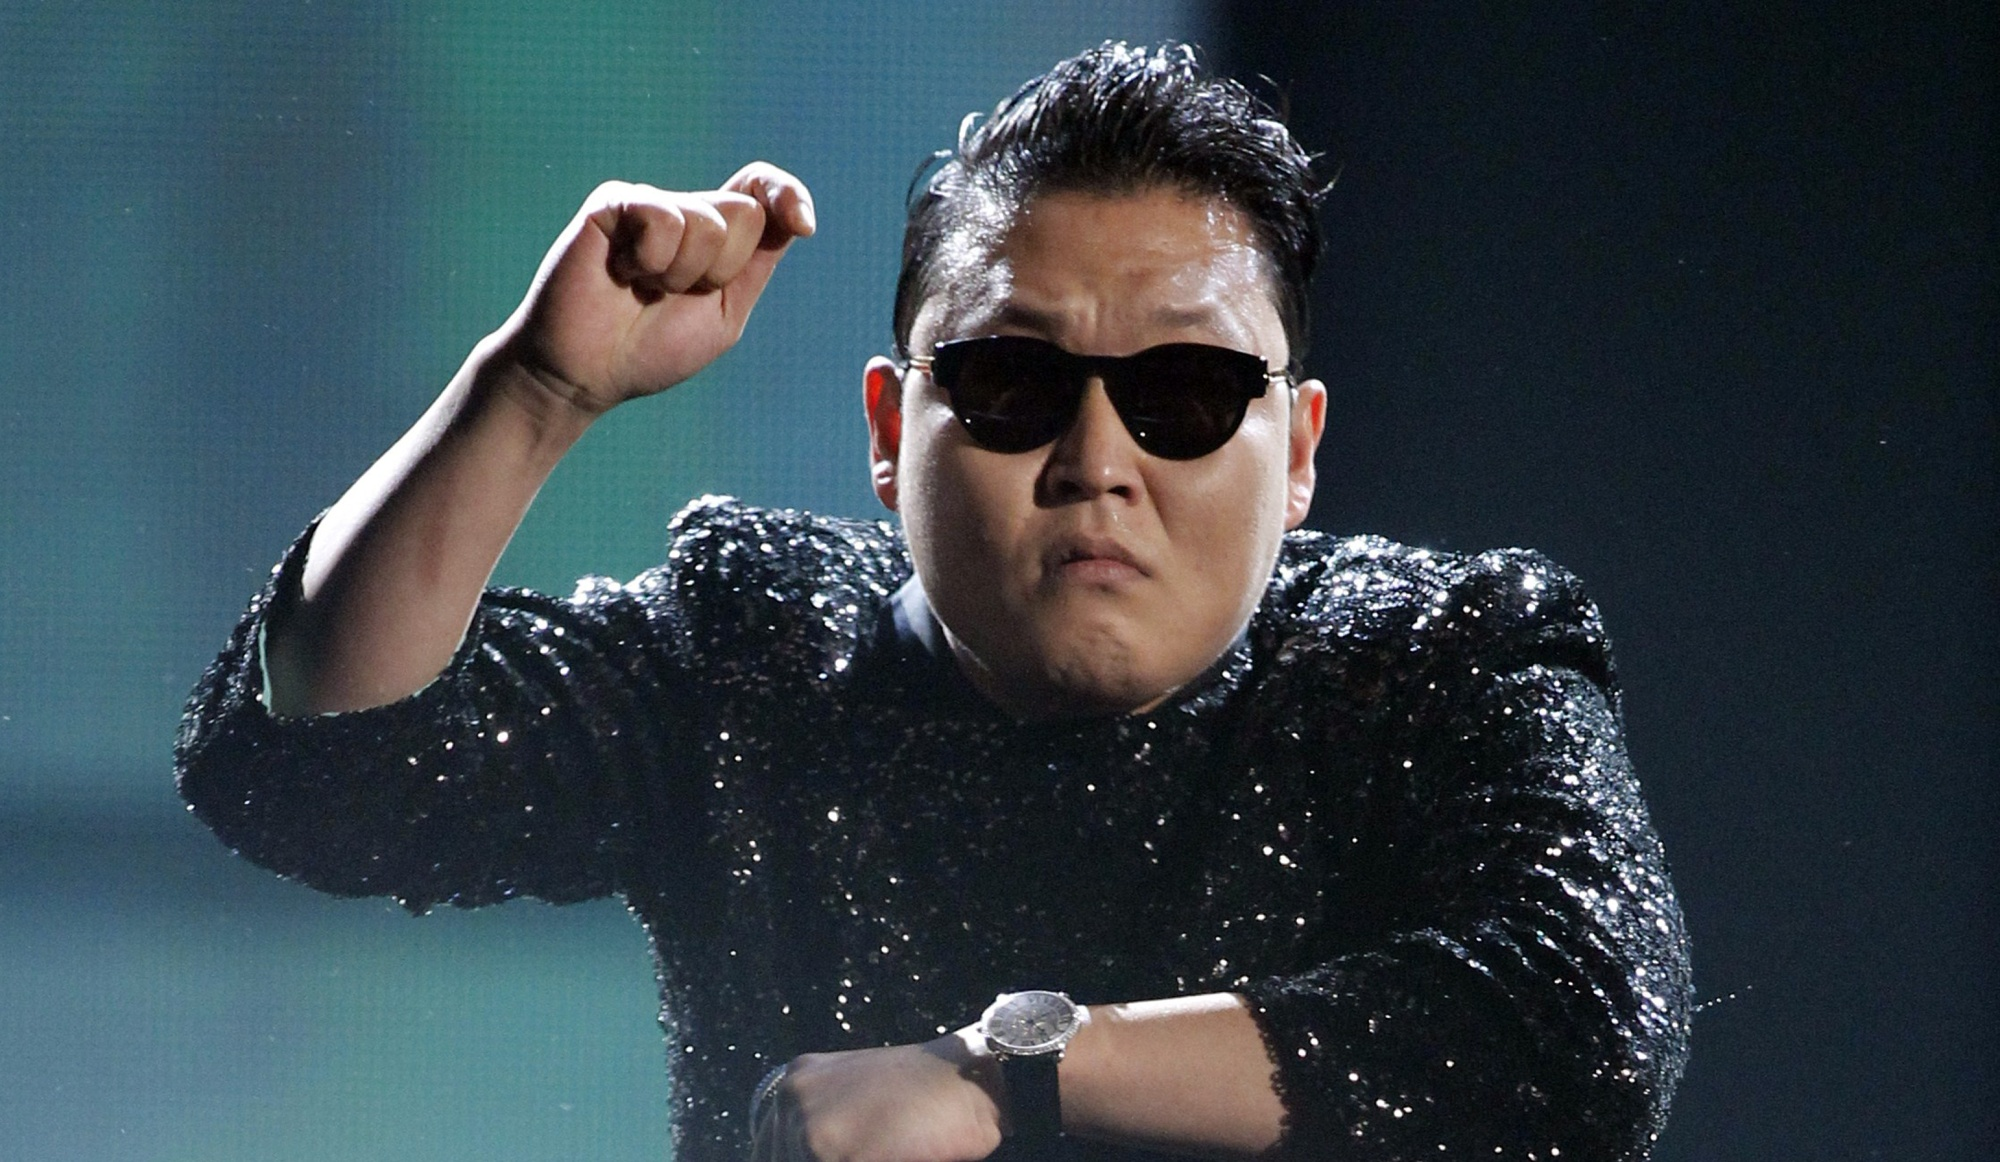 Gangnam Style تكسر الأرقام القياسية مع 2 مليار مشاهدة - عالم التقنية